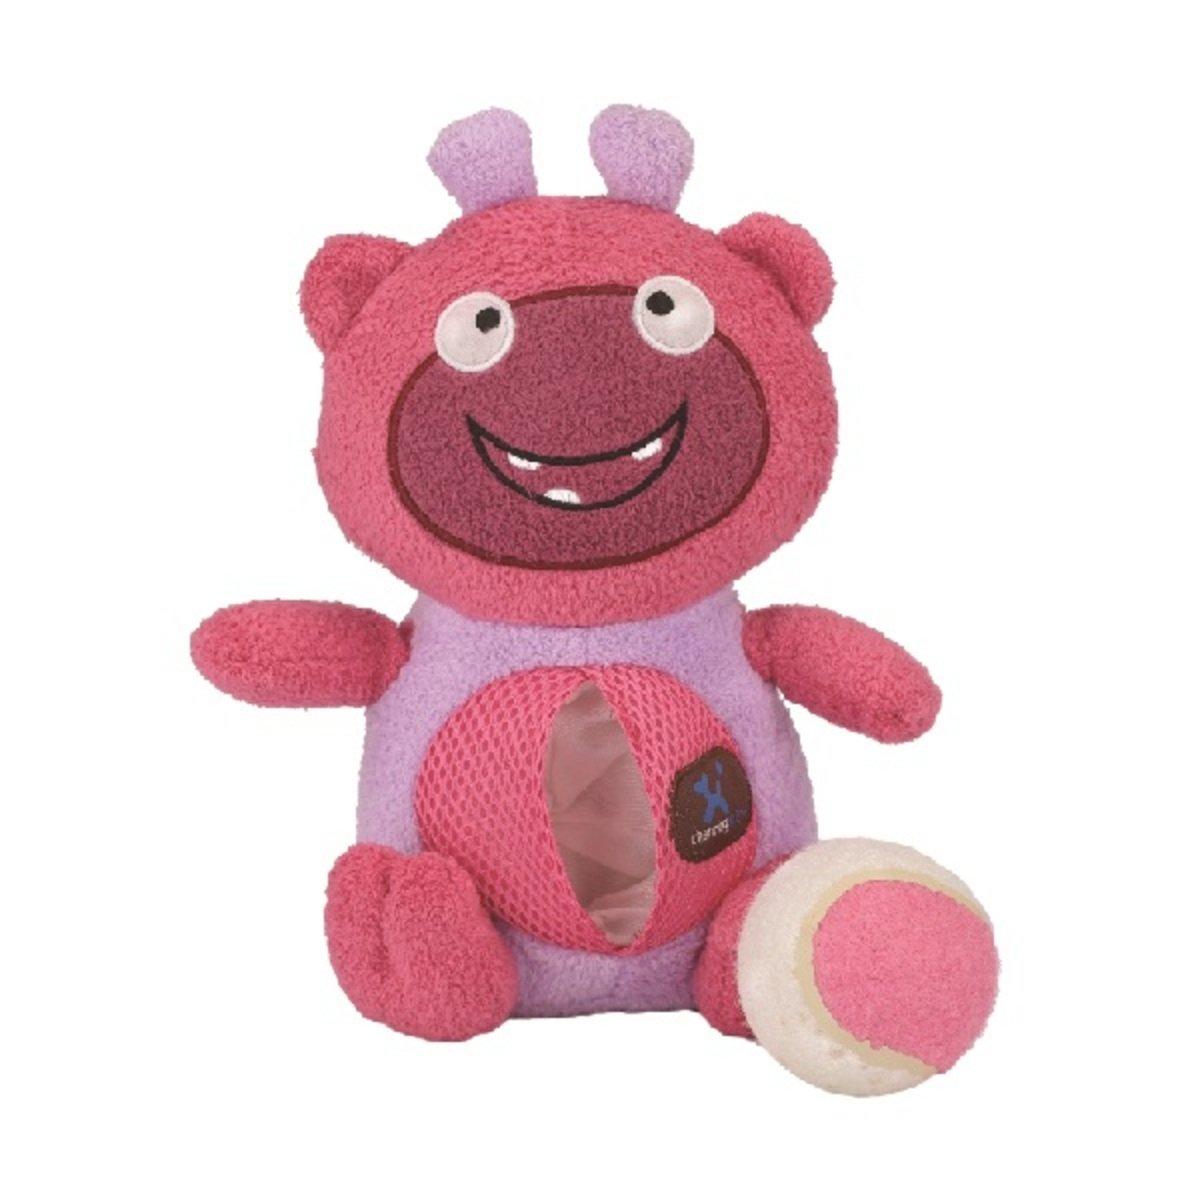 寵物腦力訓練發聲玩具 ﹣粉色怪獸